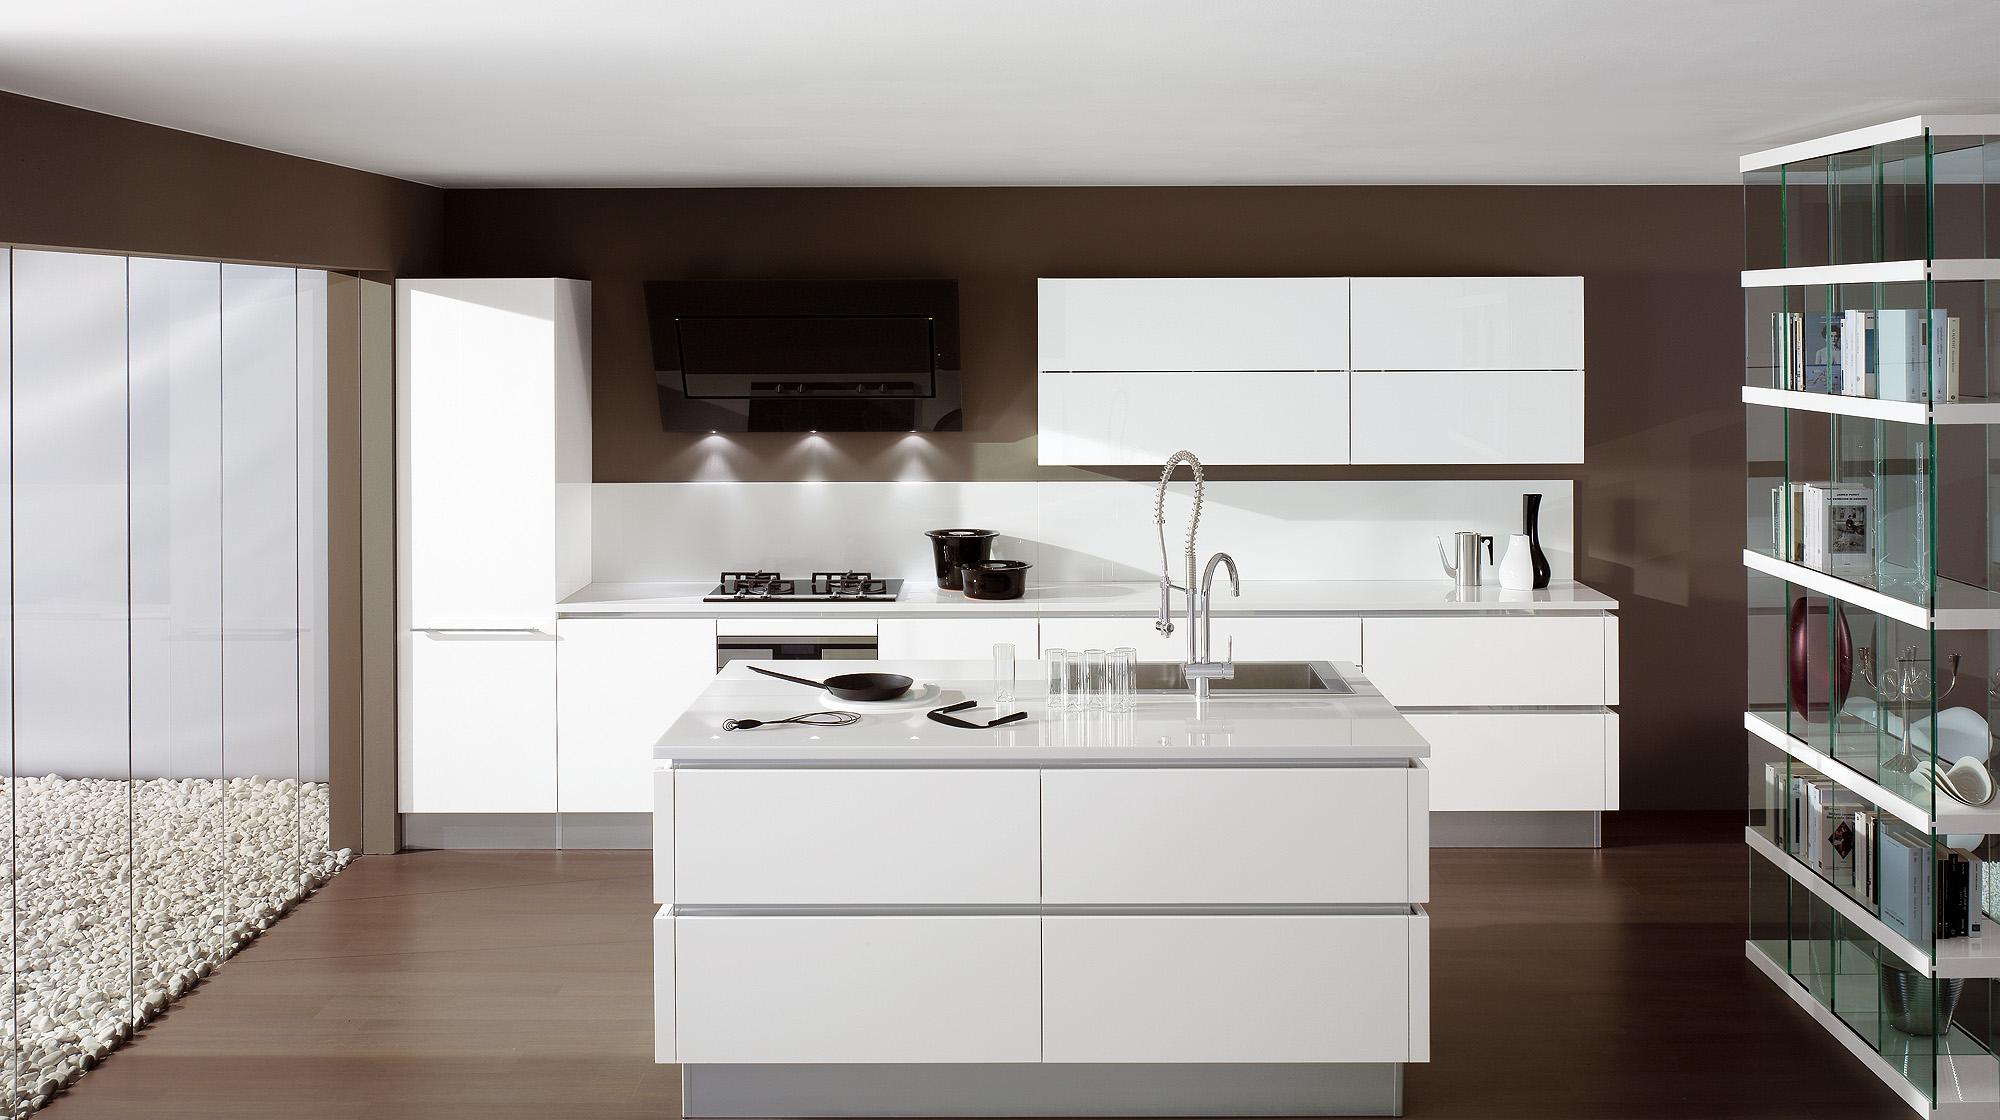 Кухня в стиле хай-тек с коричневыми стенами